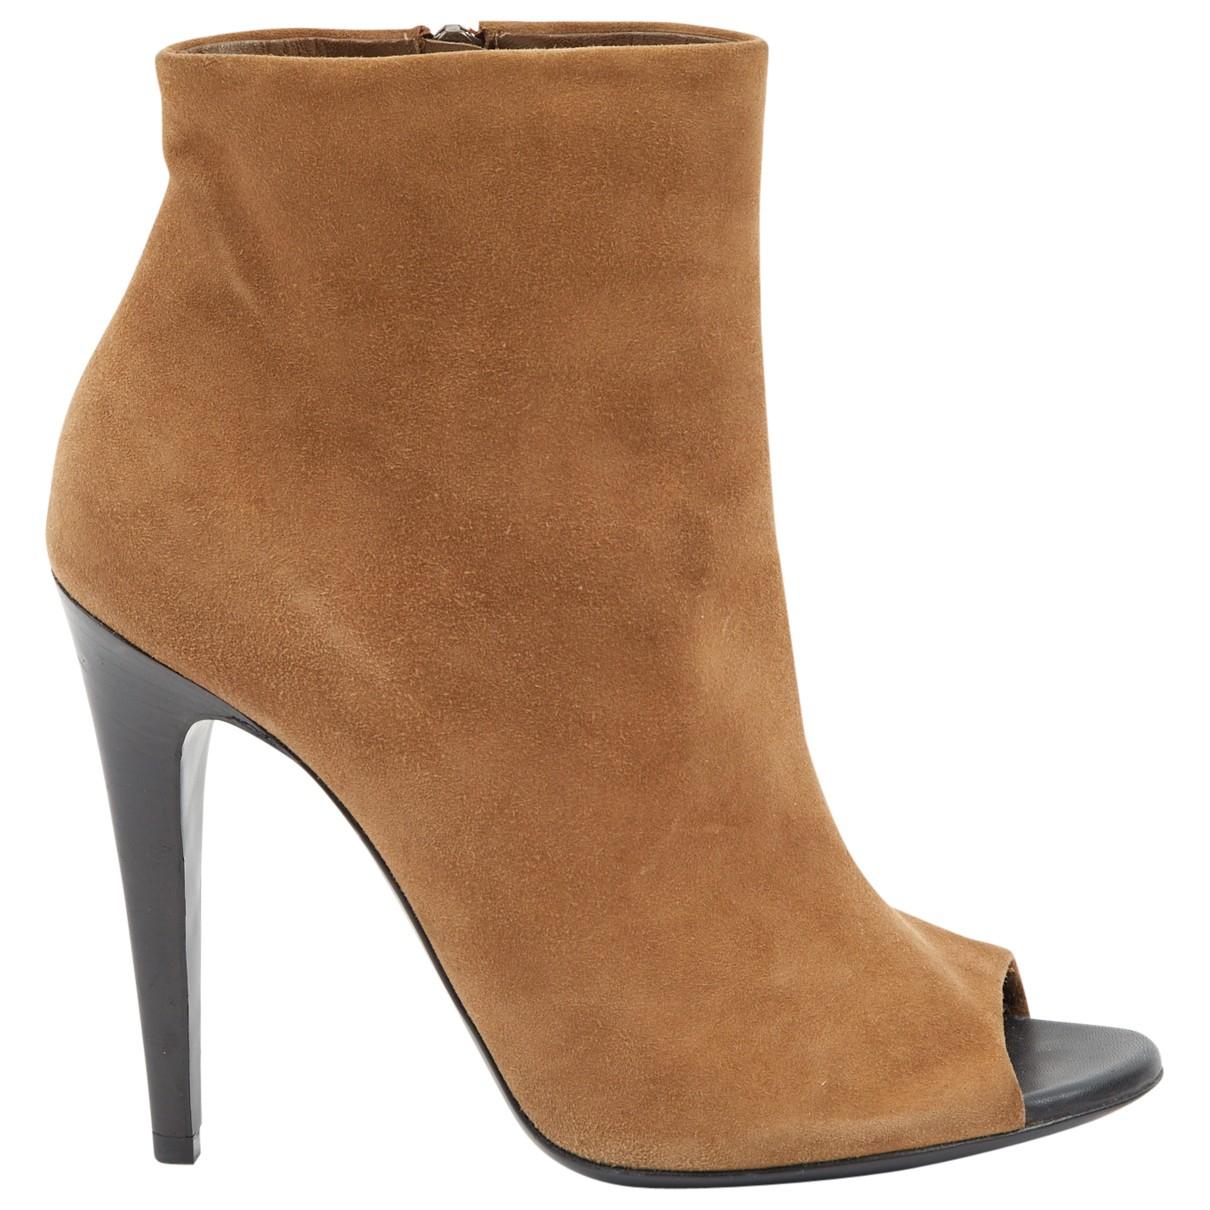 Bottega Veneta \N Camel Suede Heels for Women 38 EU